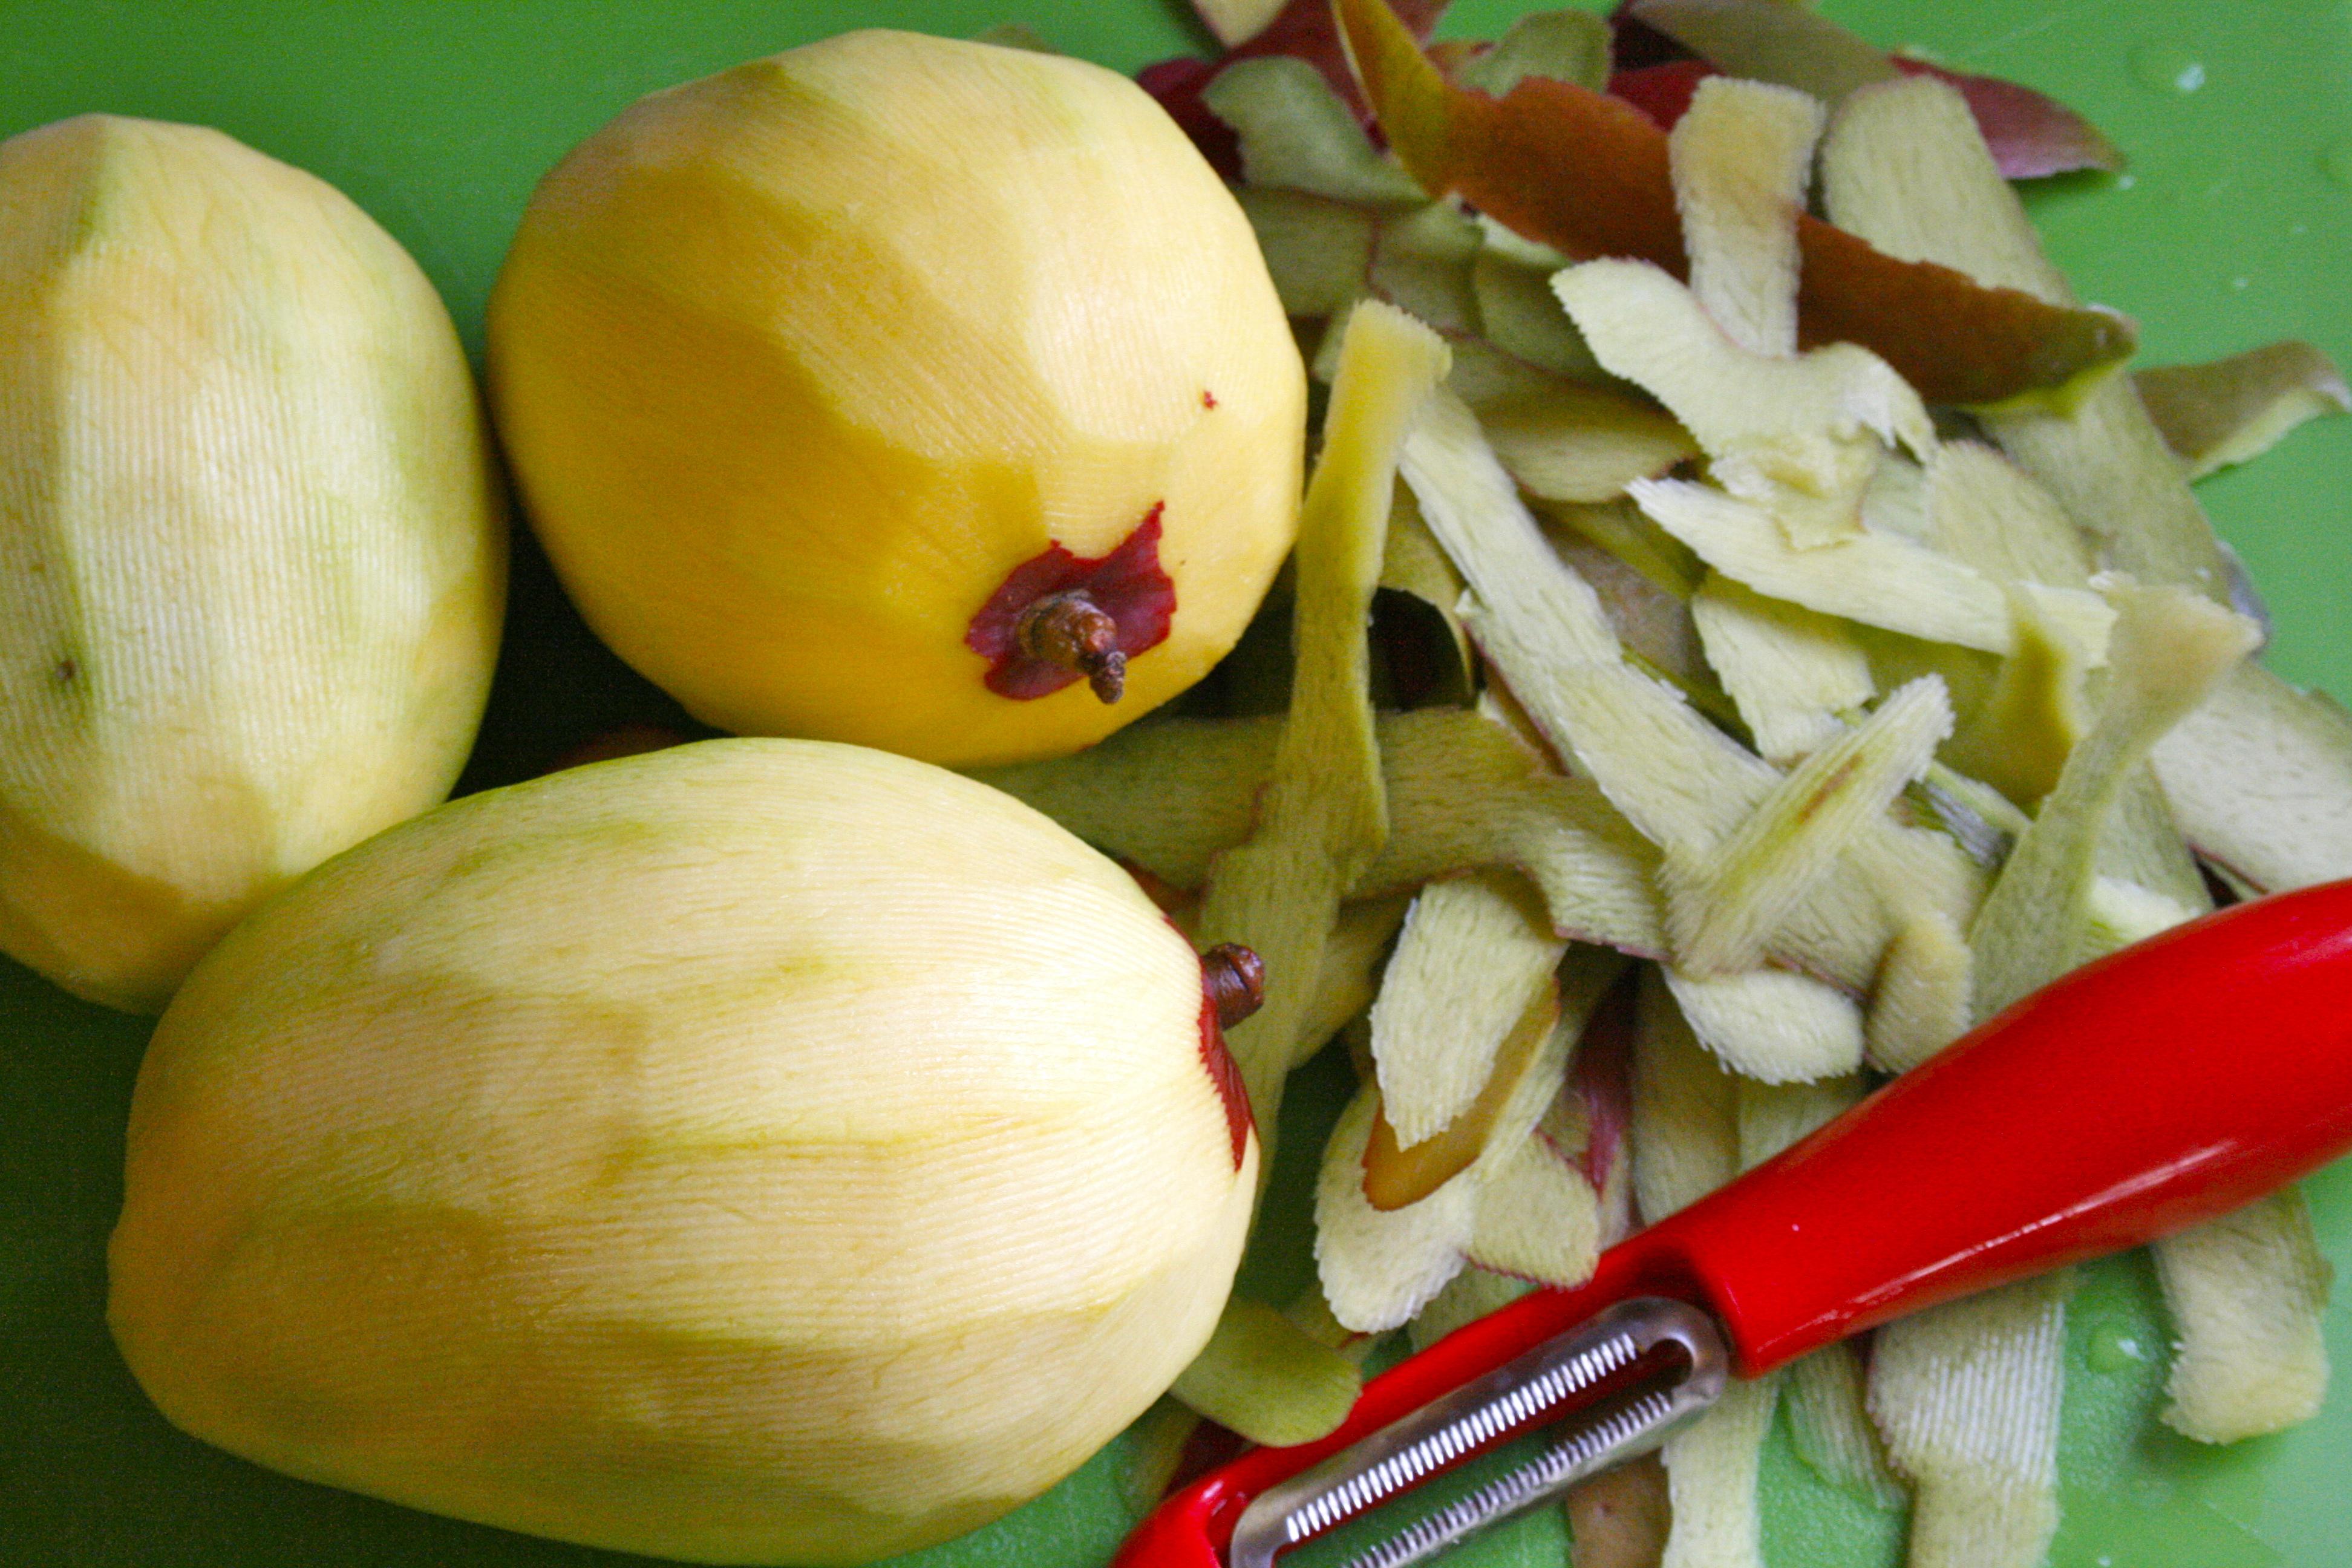 Sweet mangos